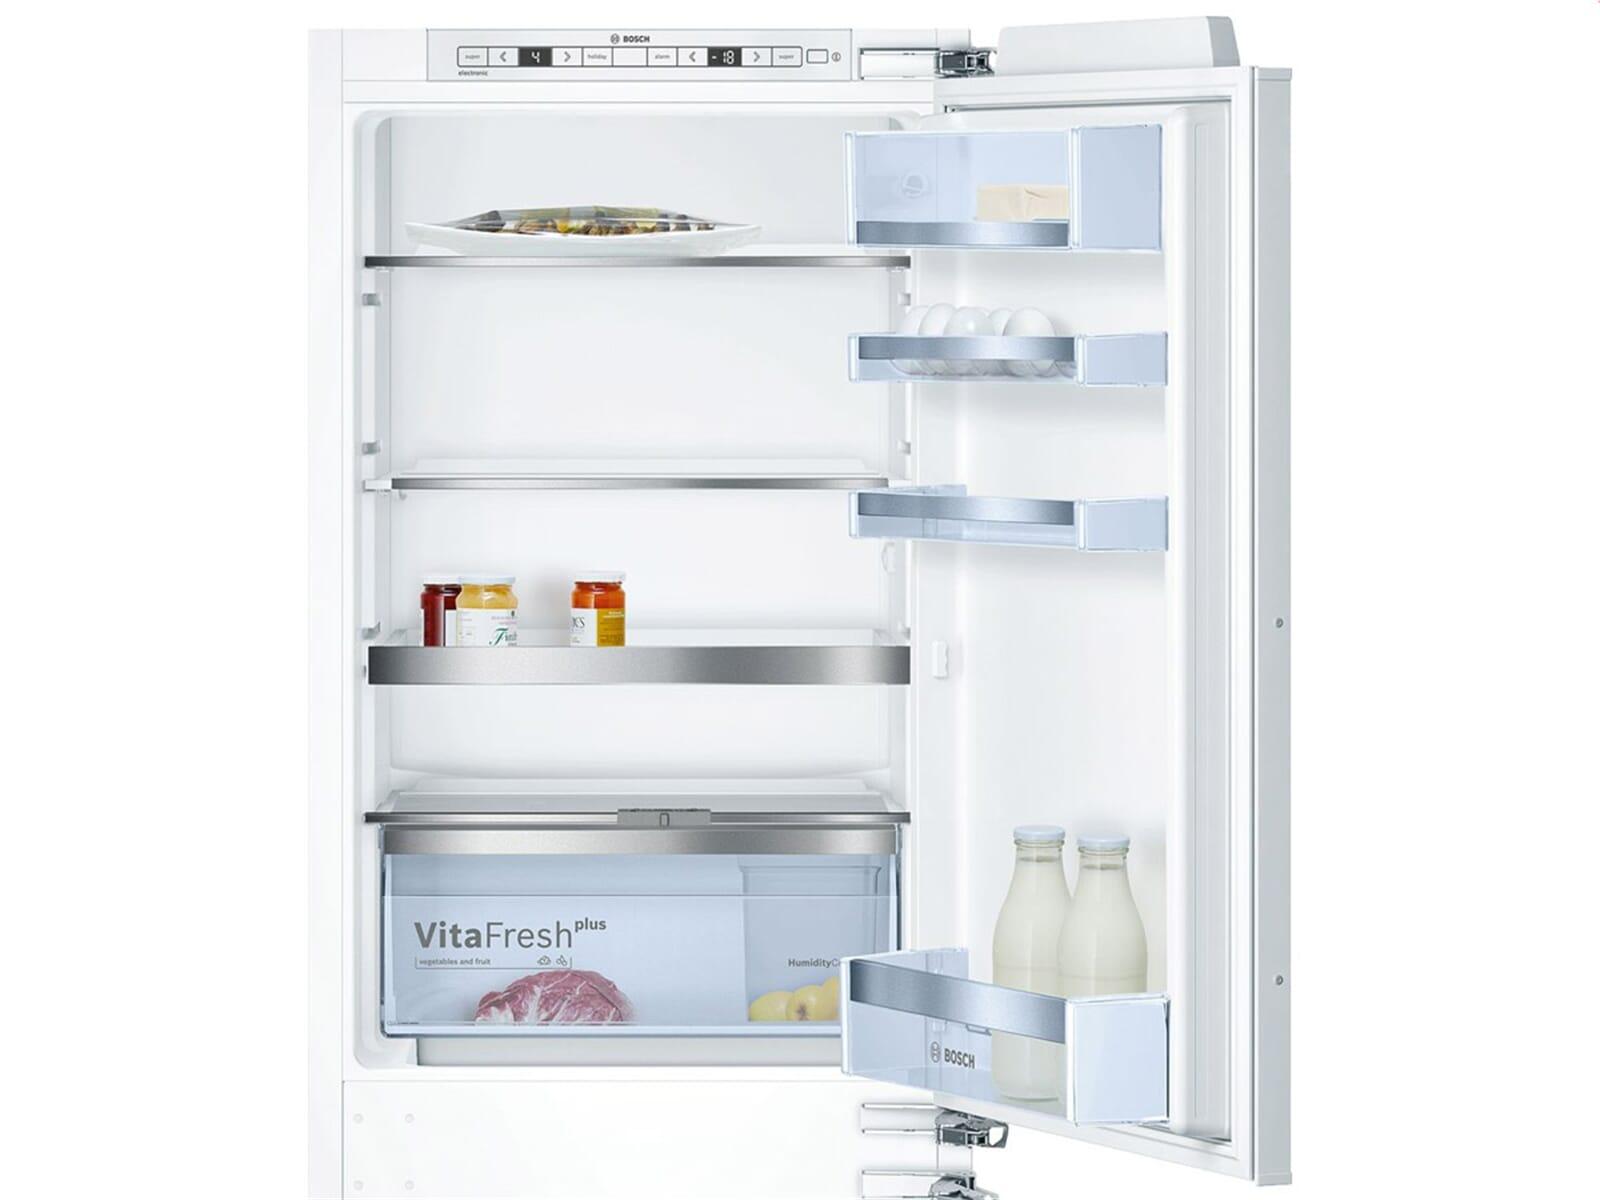 Einbau gefrier kühlkombination – Küchen kaufen billig